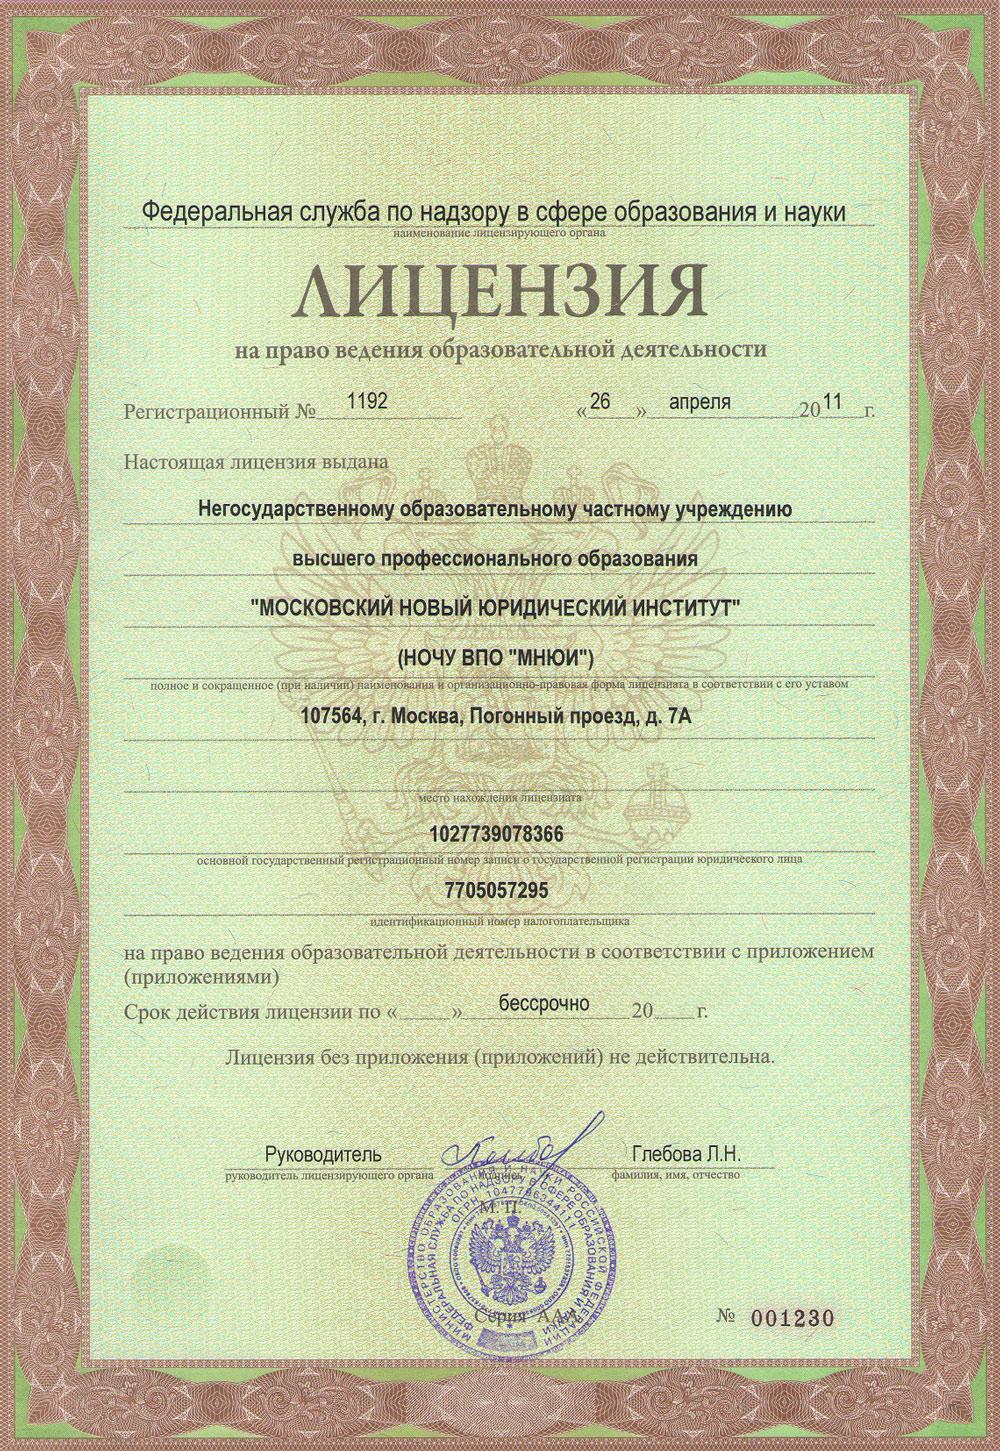 МТИ. Московский технологический институт дистанционное обучение в Московском Центре Дистанционного Образования